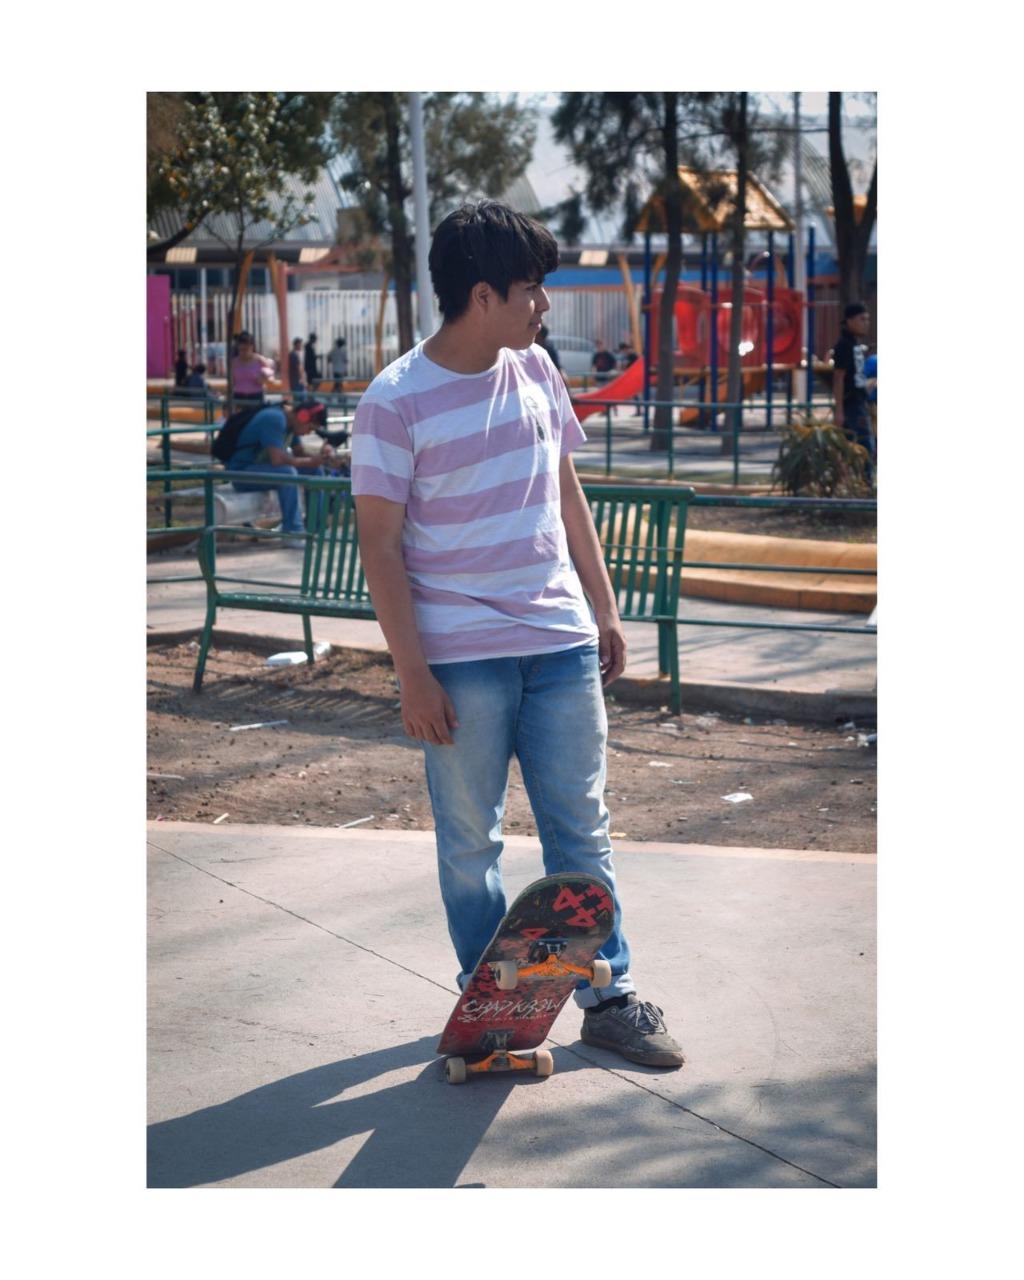 Un niño con una patineta  Descripción generada automáticamente